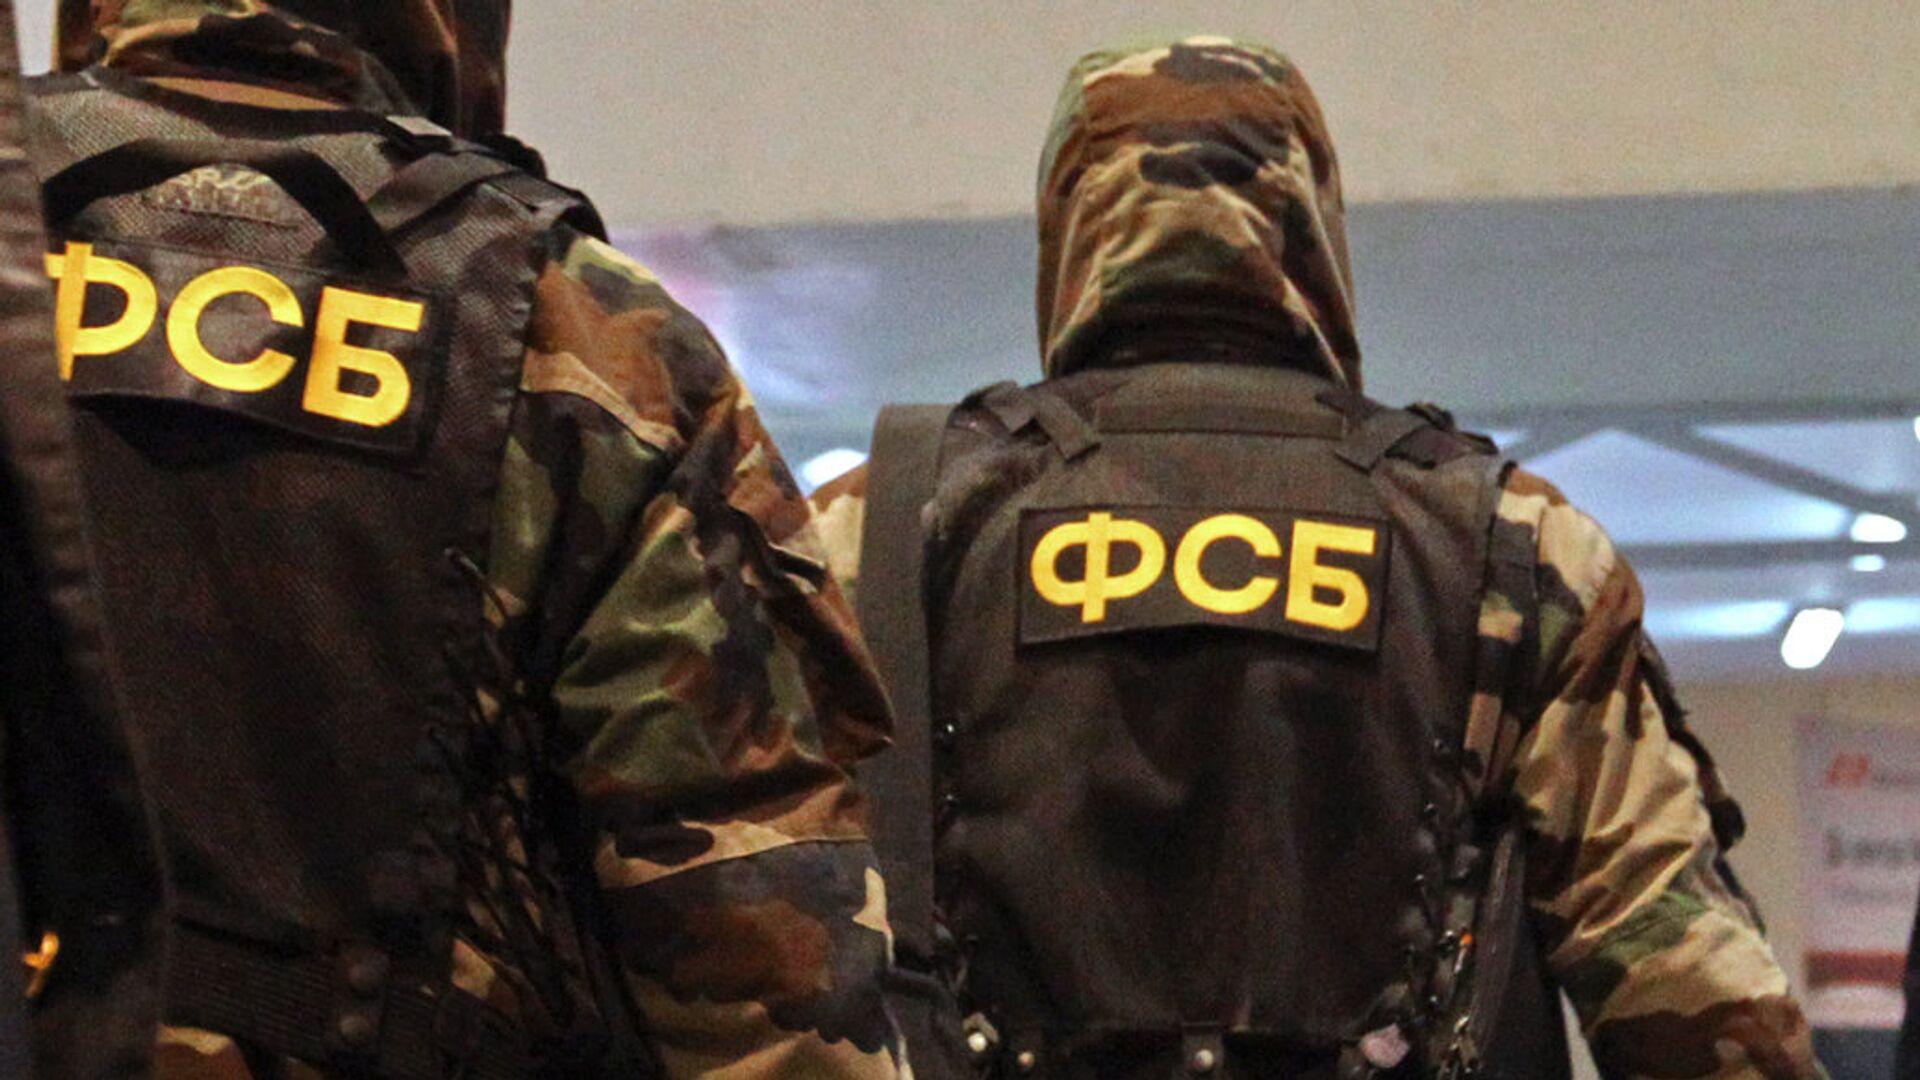 В Дагестане изъяли незаконную табачную продукцию на полмиллиарда рублей